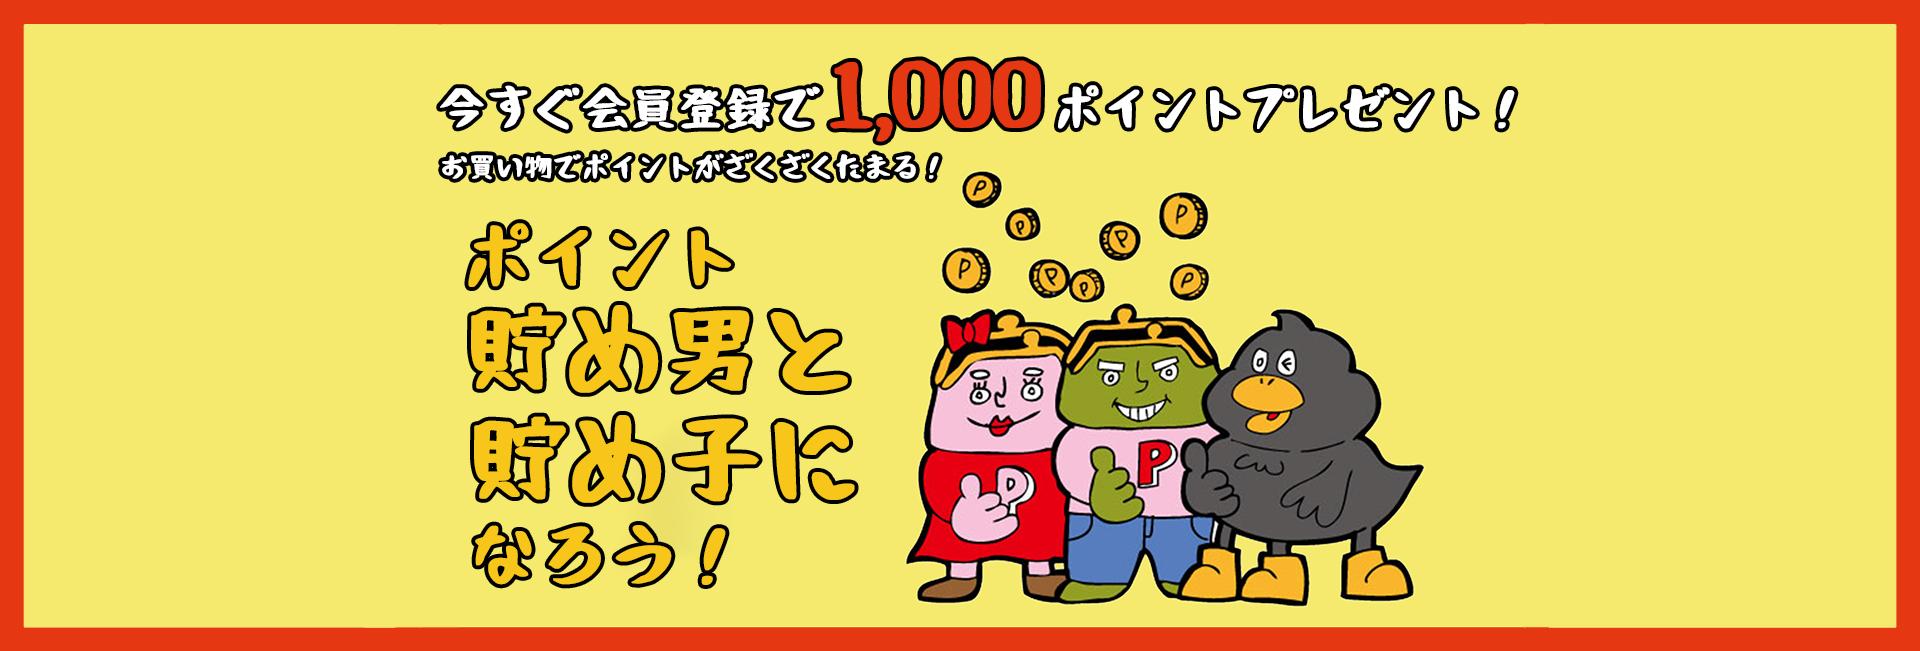 HIASOBI CAMPER